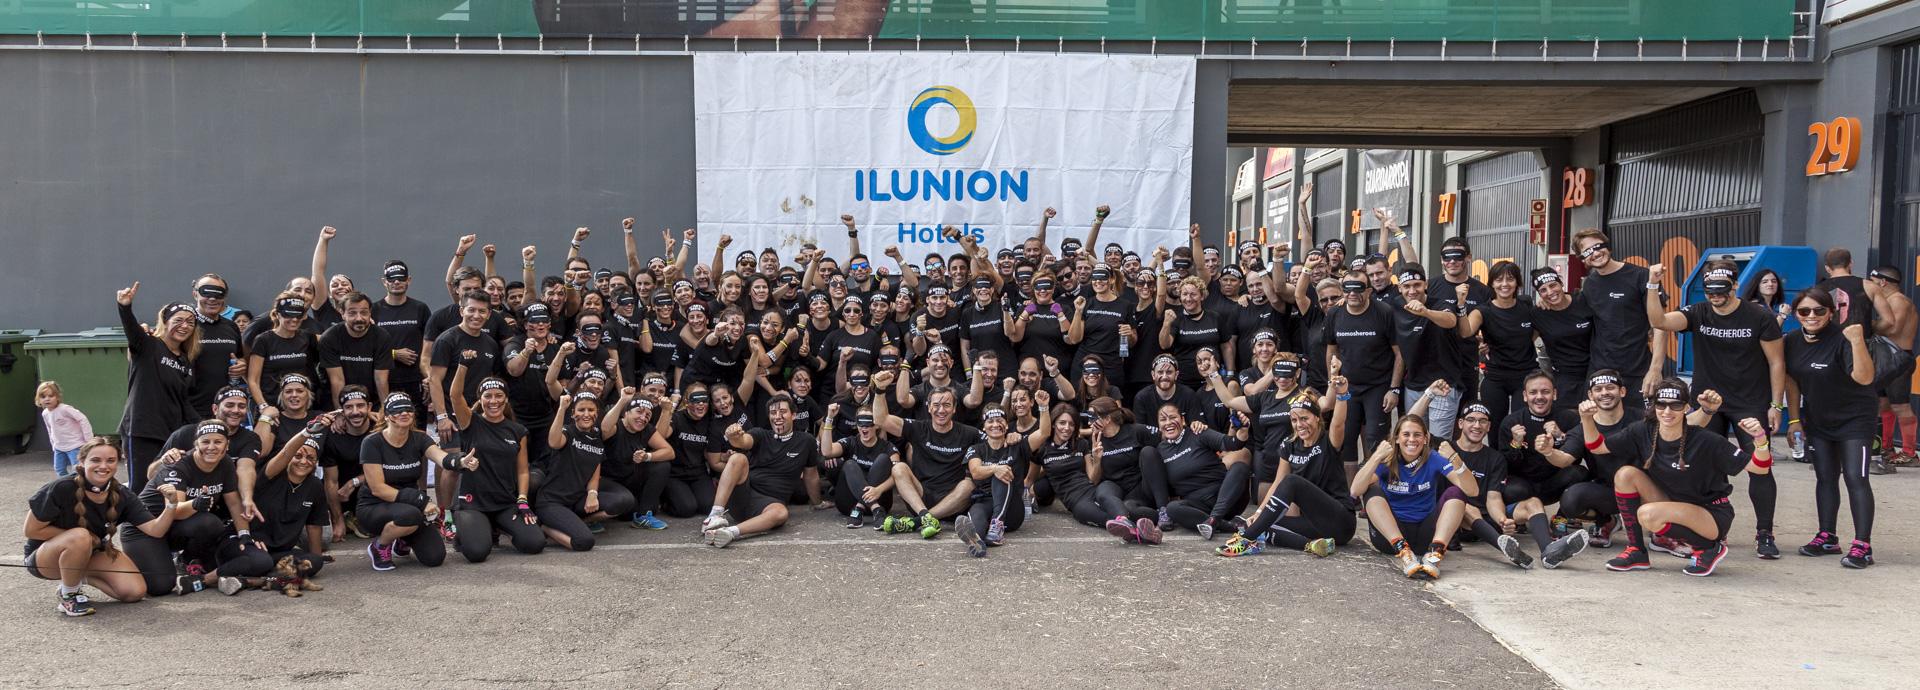 Trabajadores de ILUNION Hotels corren a ciegas la 'Spartan Race' en Valencia